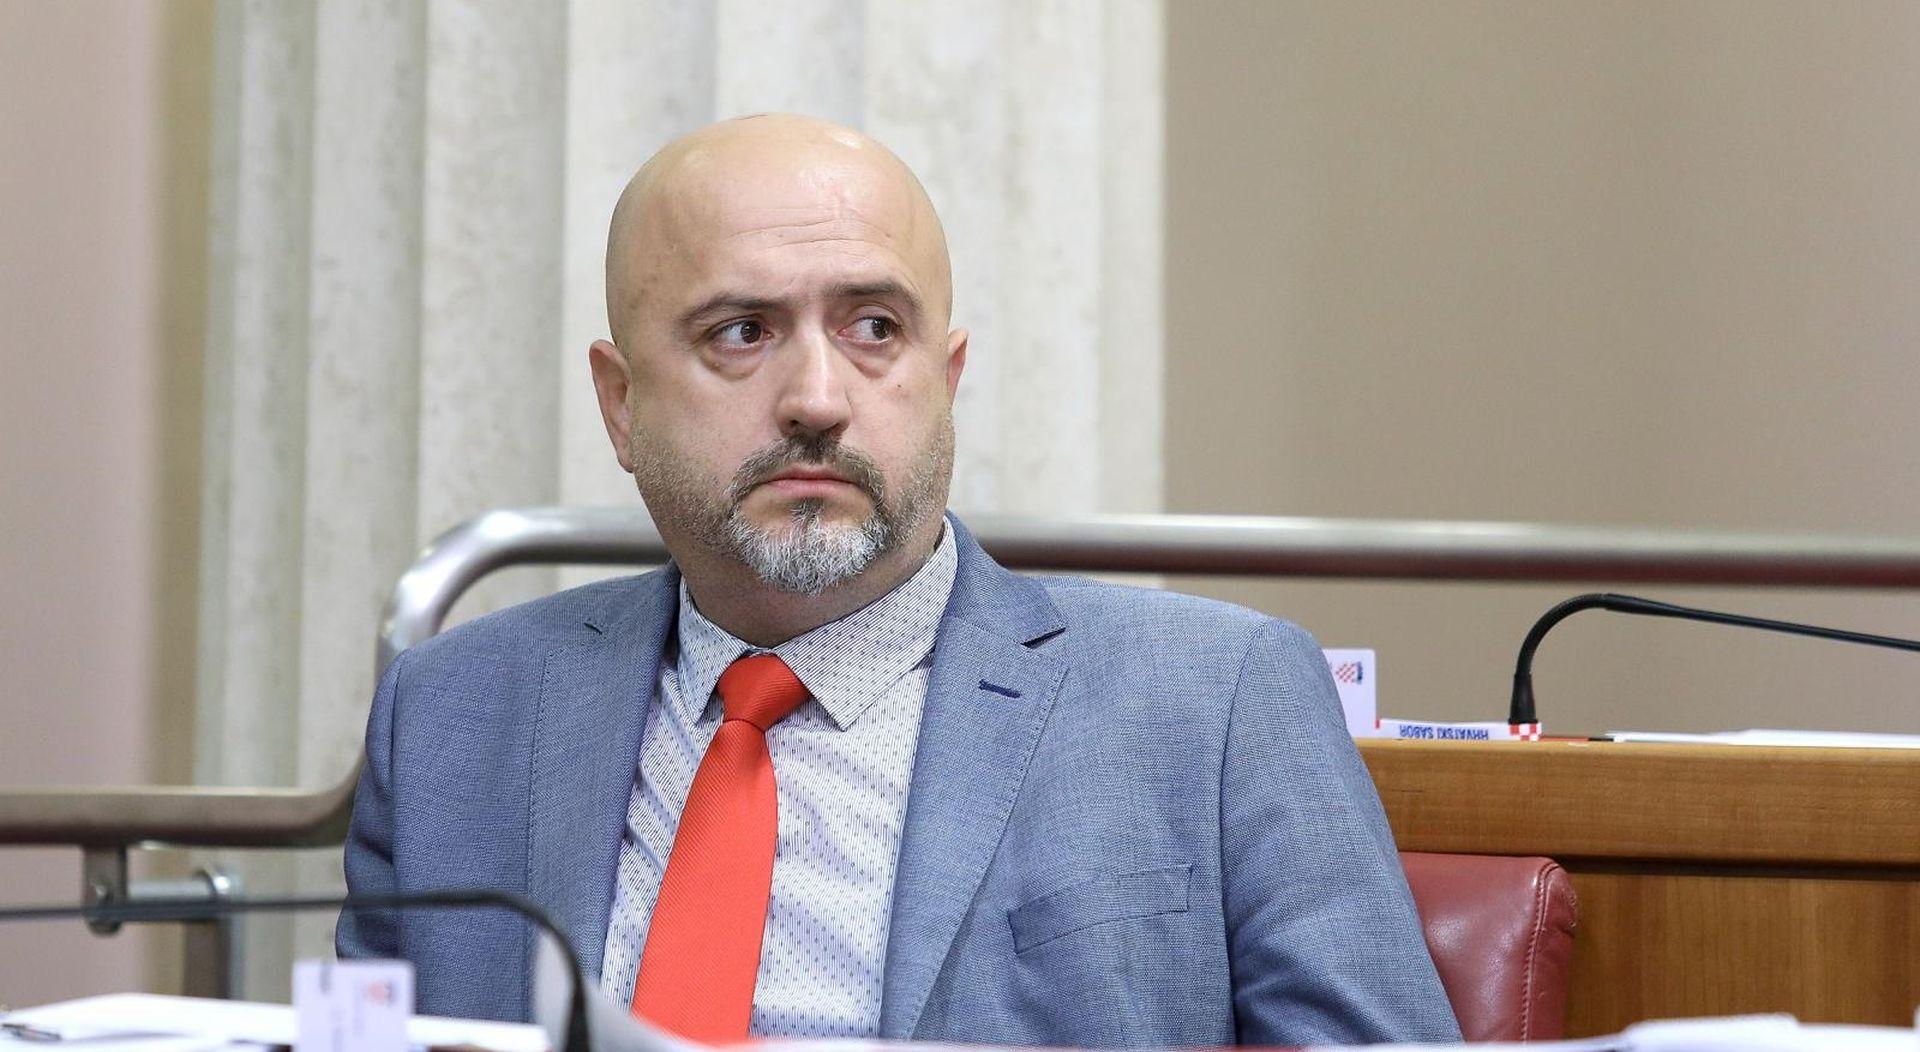 Danas se okupljaju SDP-ovci, žele smjenu Bernardića